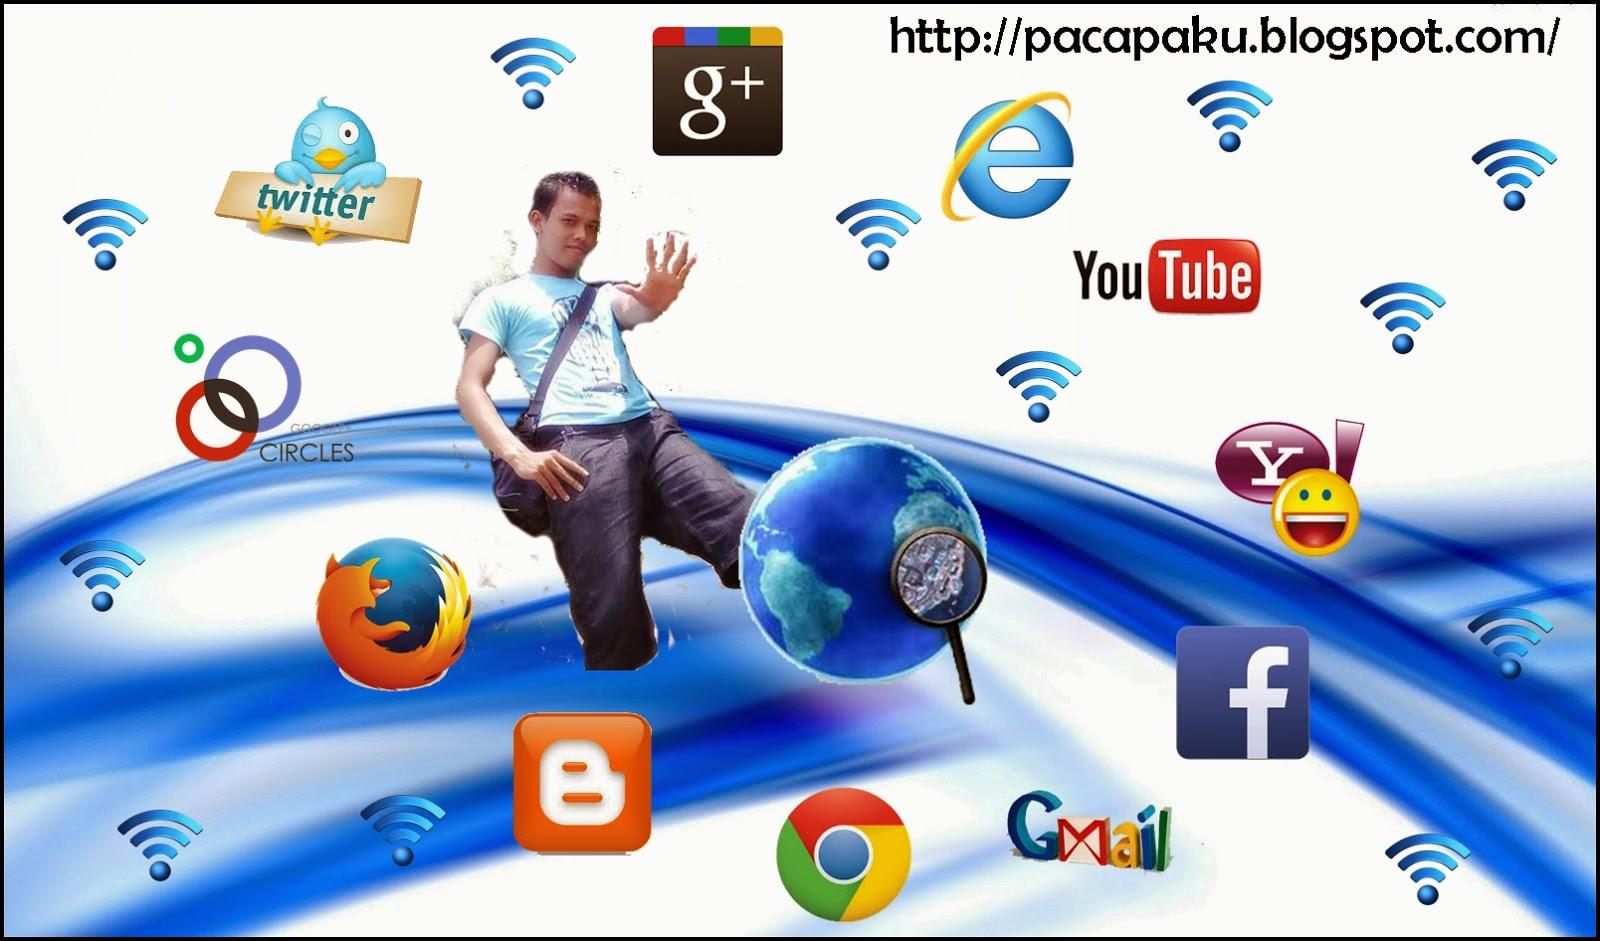 Sehari Tanpa Internet | Telkomsel | Pacapaku | Jaswan